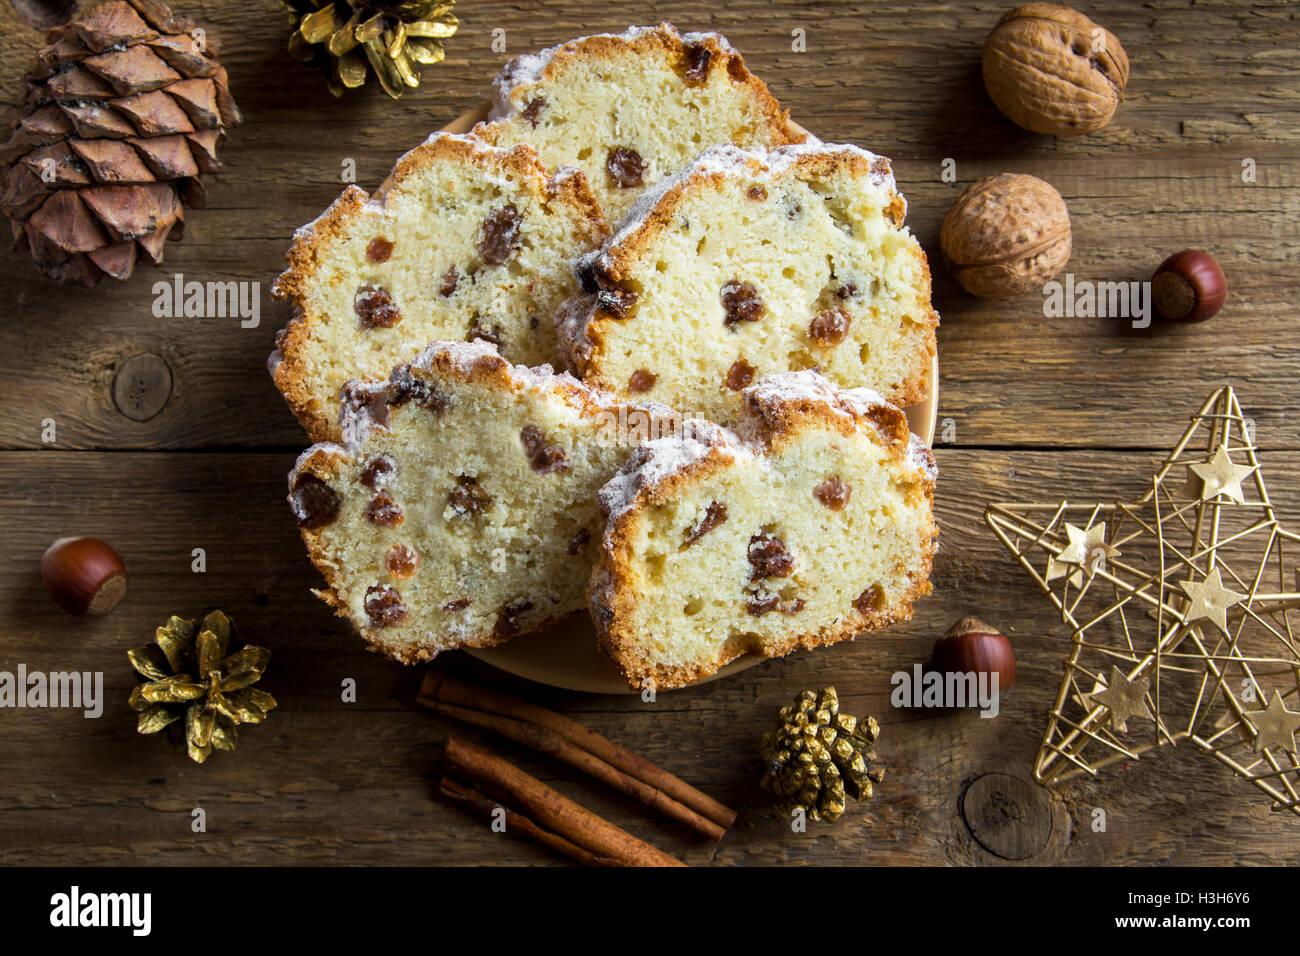 Fête de Noël (pain aux fruits Gâteau) sur planche de bois rustique - Boulangerie de Noël fait Photo Stock